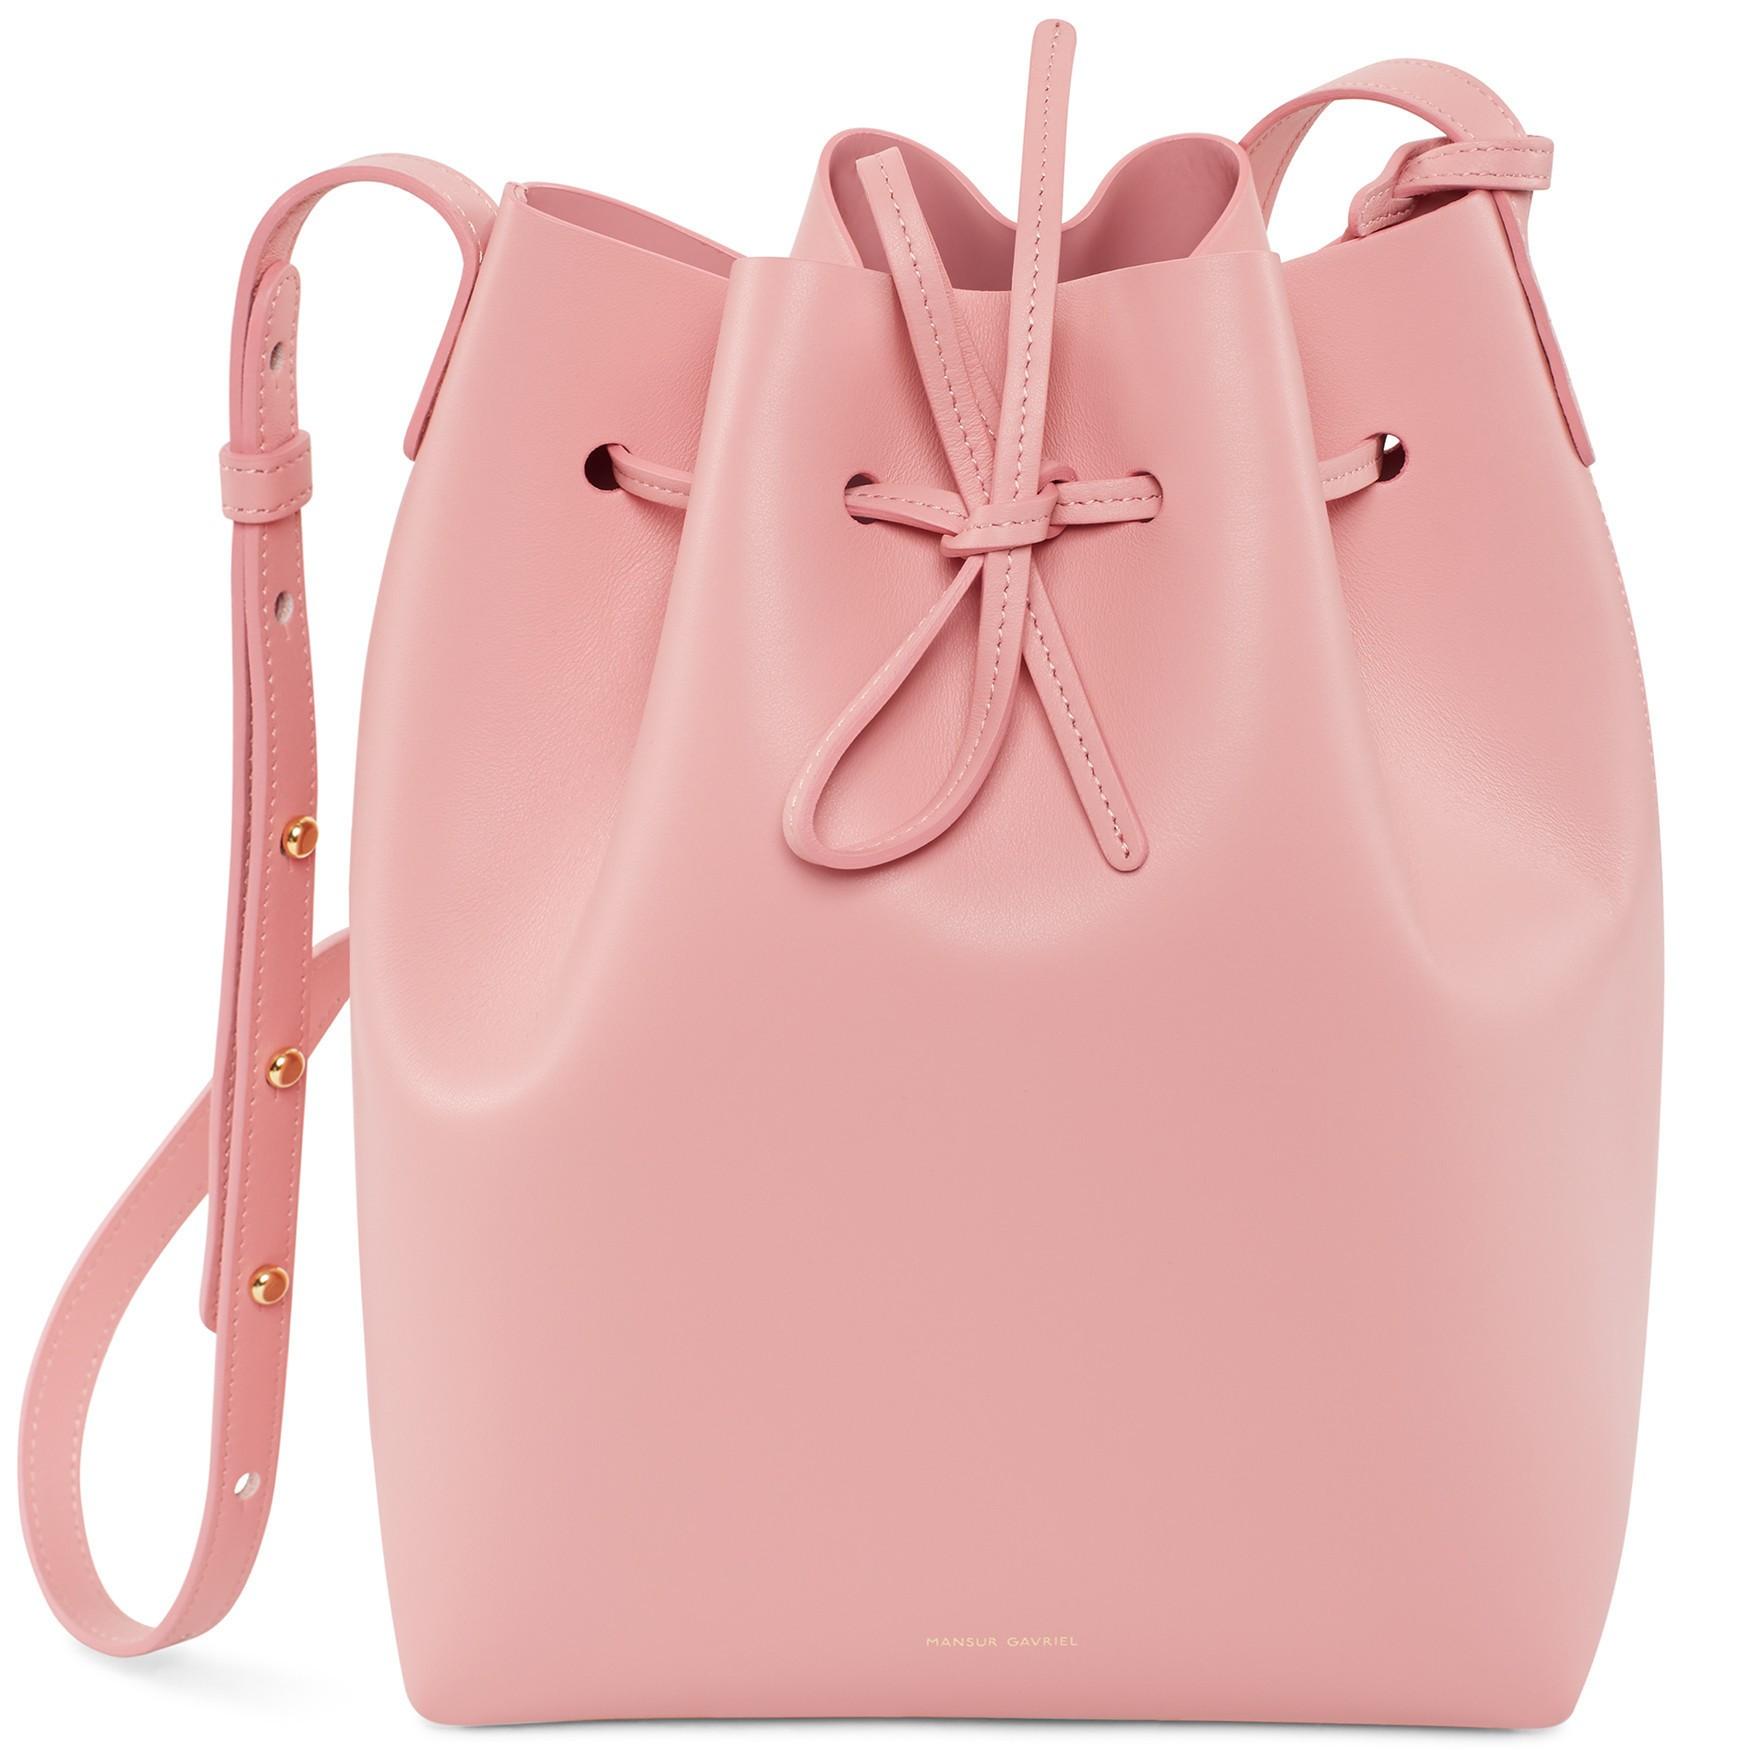 812157027423-bucket-bag-calf-coated-peony-front 2048x2048